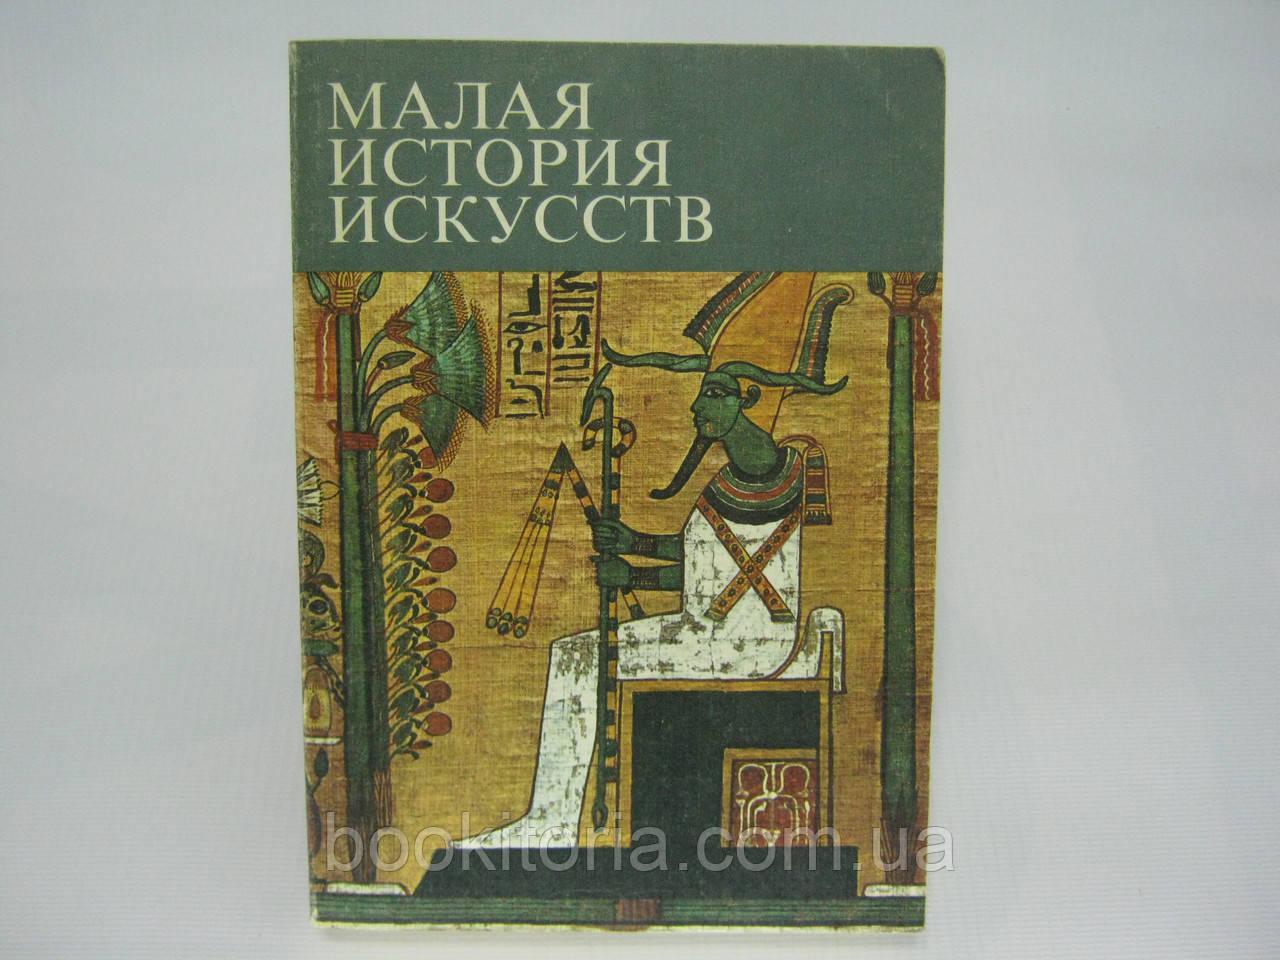 Афанасьева В. и др. Искусство Древнего Востока (б/у).